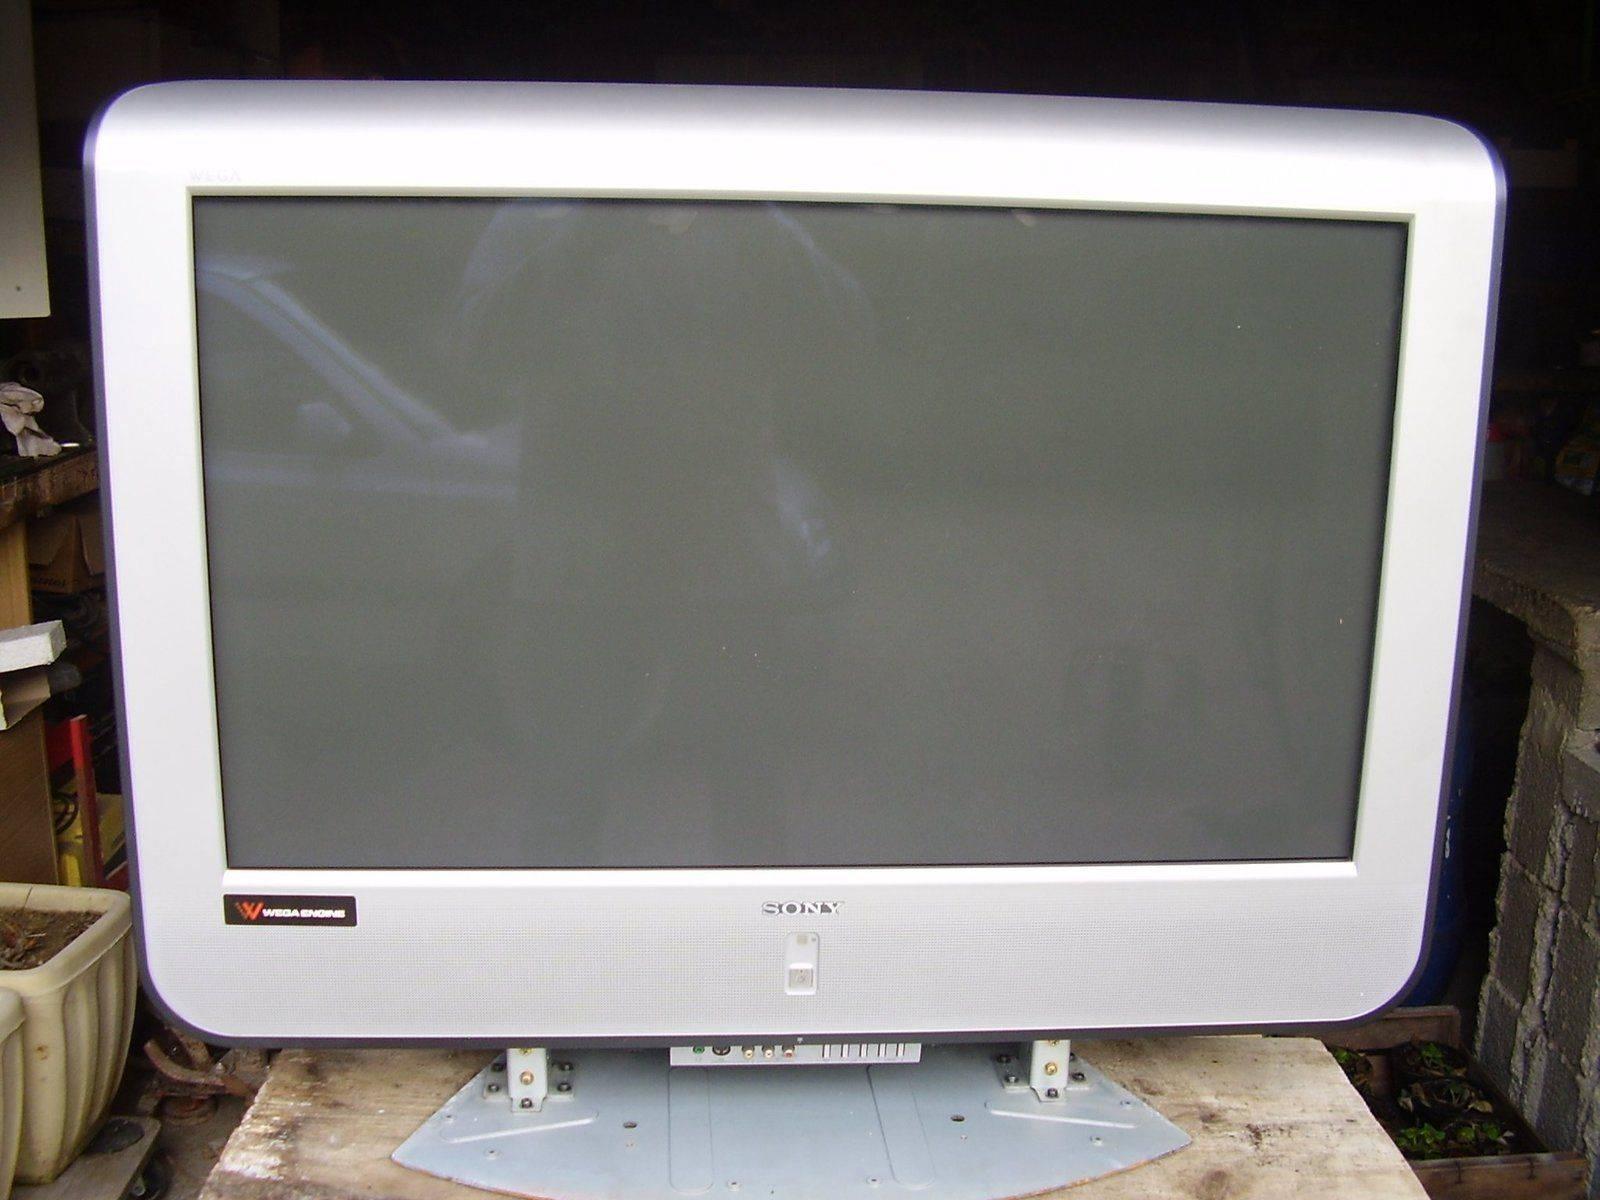 PA010048.JPG